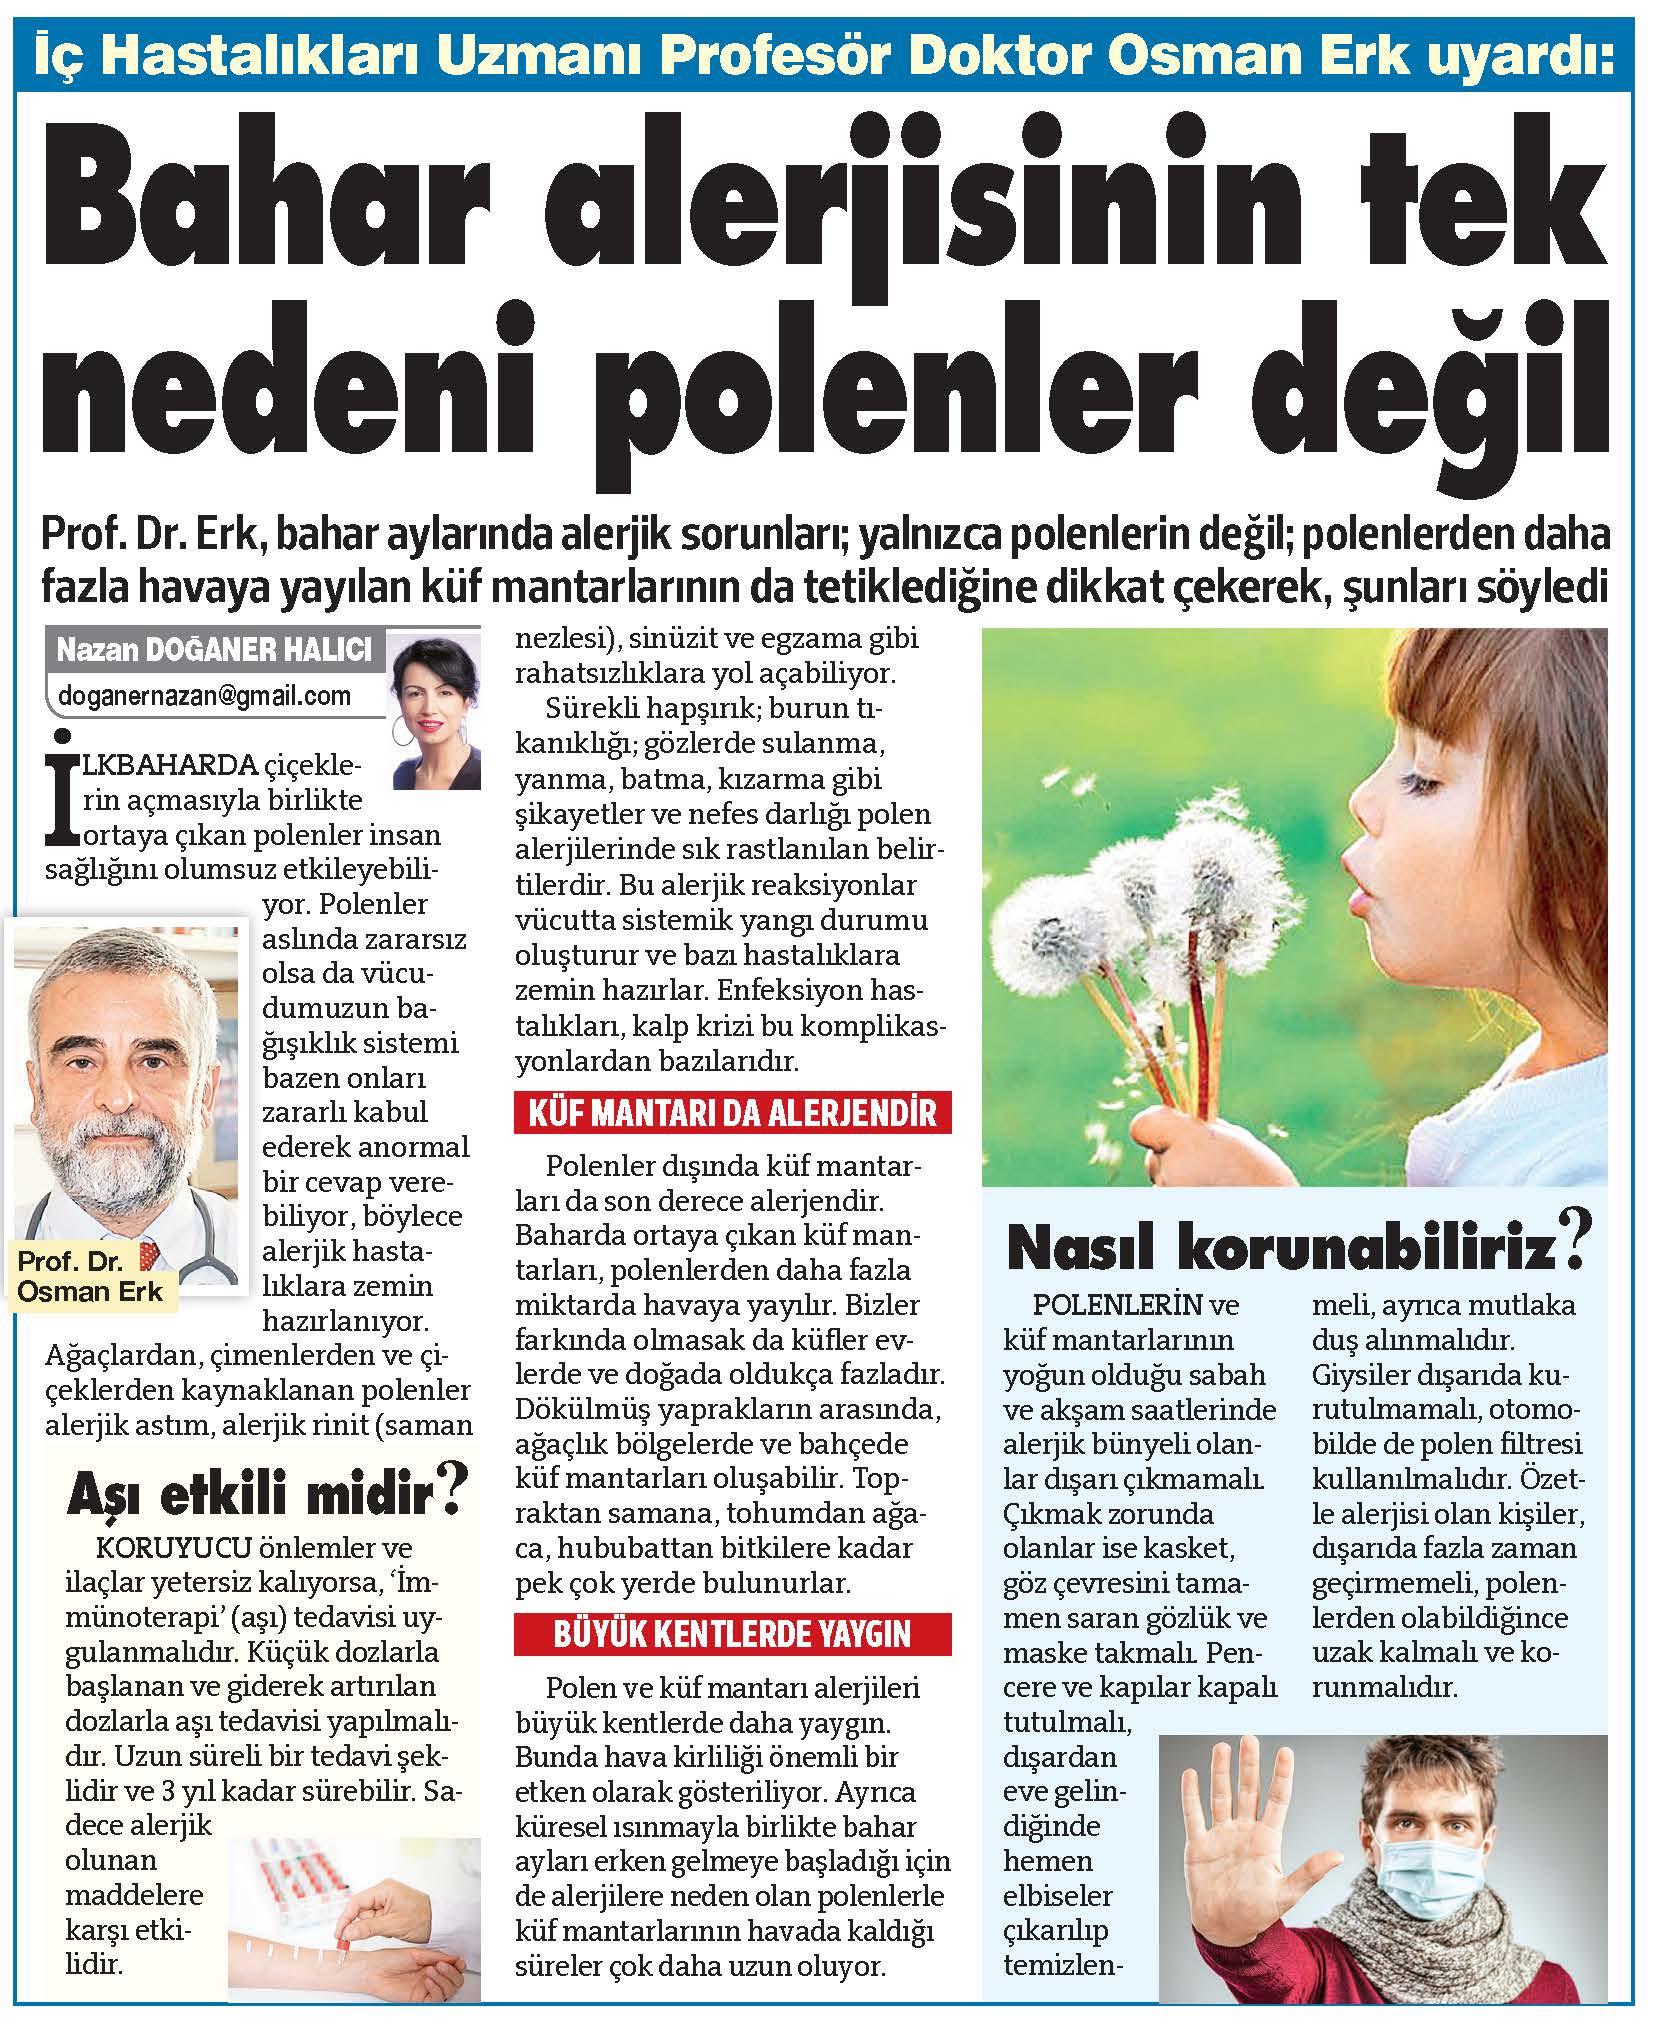 SOZCU-2019.04.14-Bahar Alerjisinin Tek Nedeni Polenler Değil